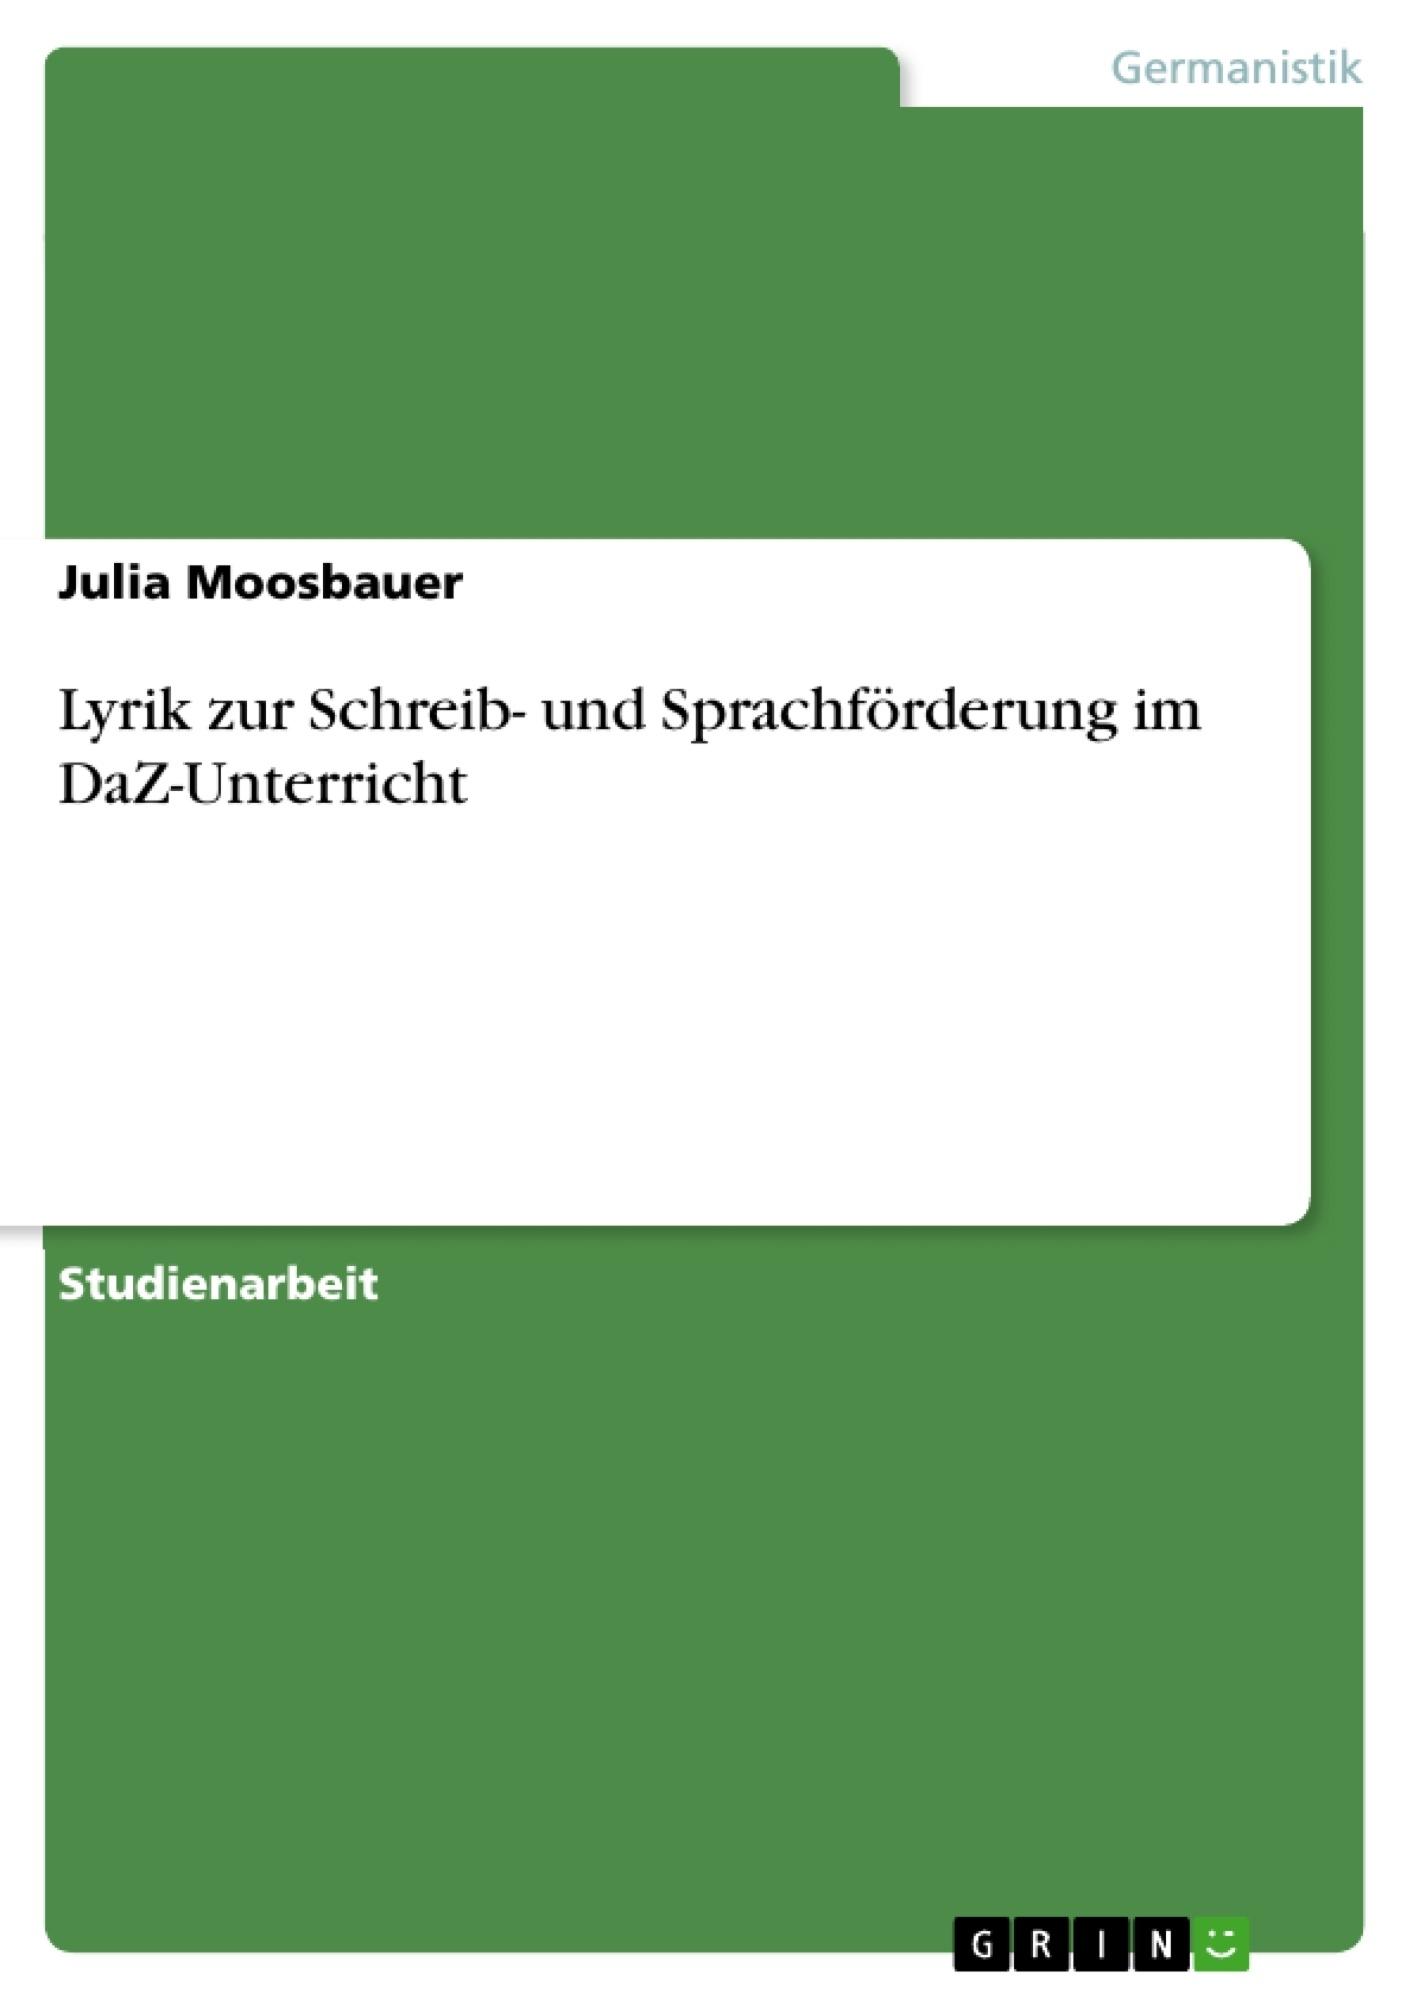 Titel: Lyrik zur Schreib- und Sprachförderung im DaZ-Unterricht